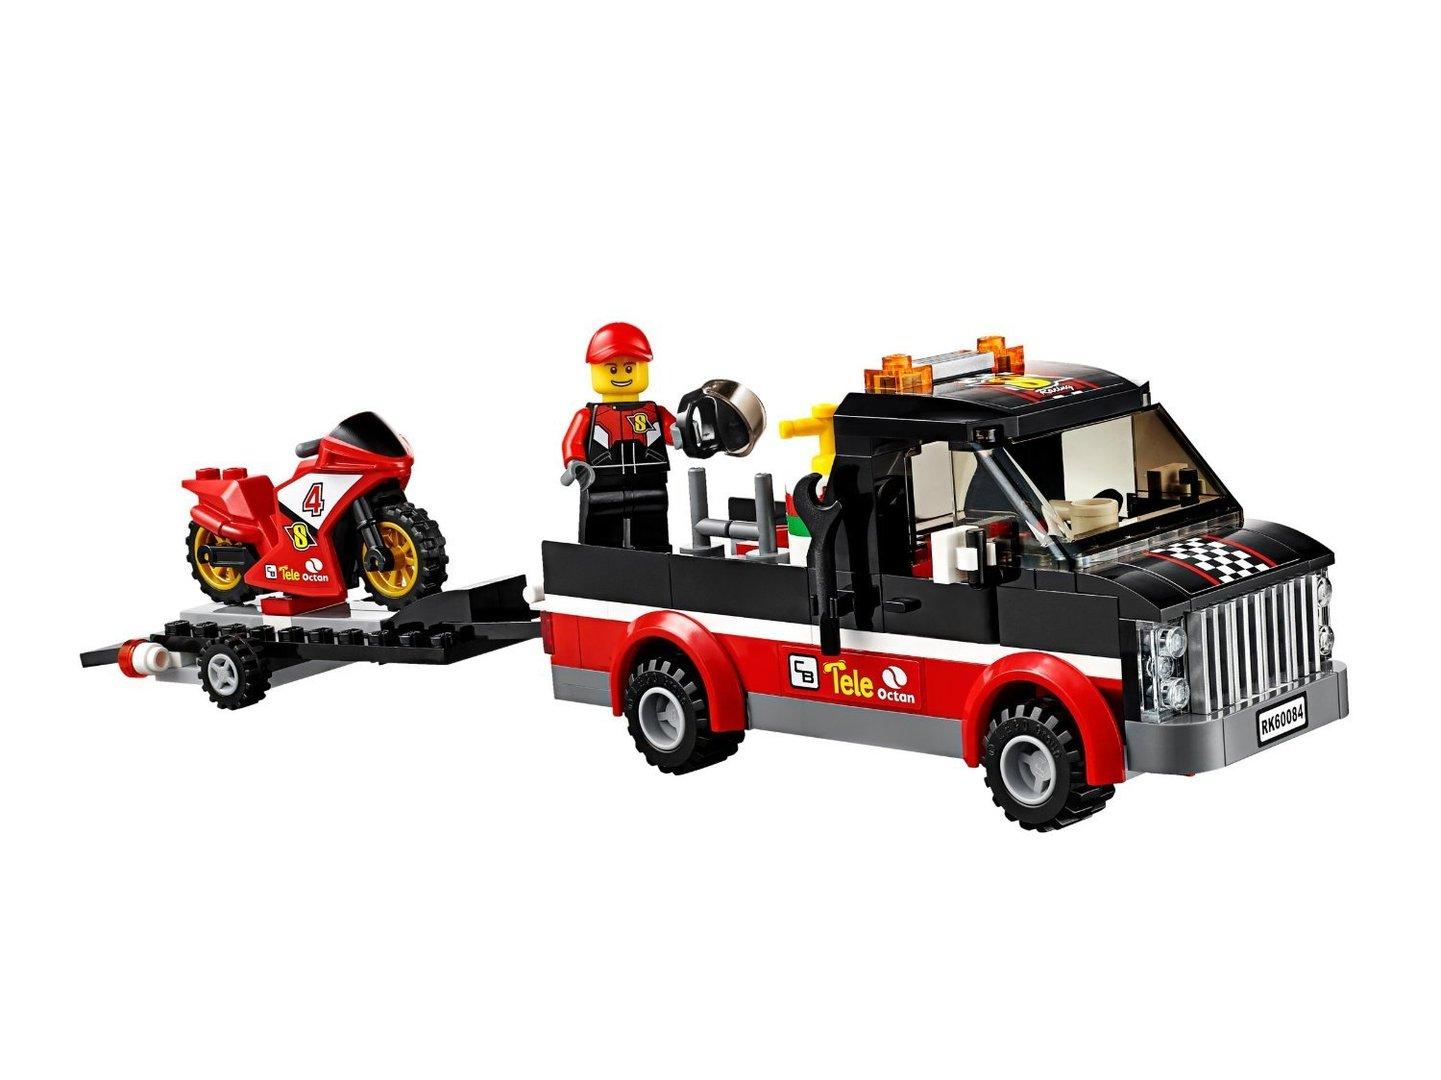 günstig kaufen 60084 LEGO City Rennmotorrad-Transporter